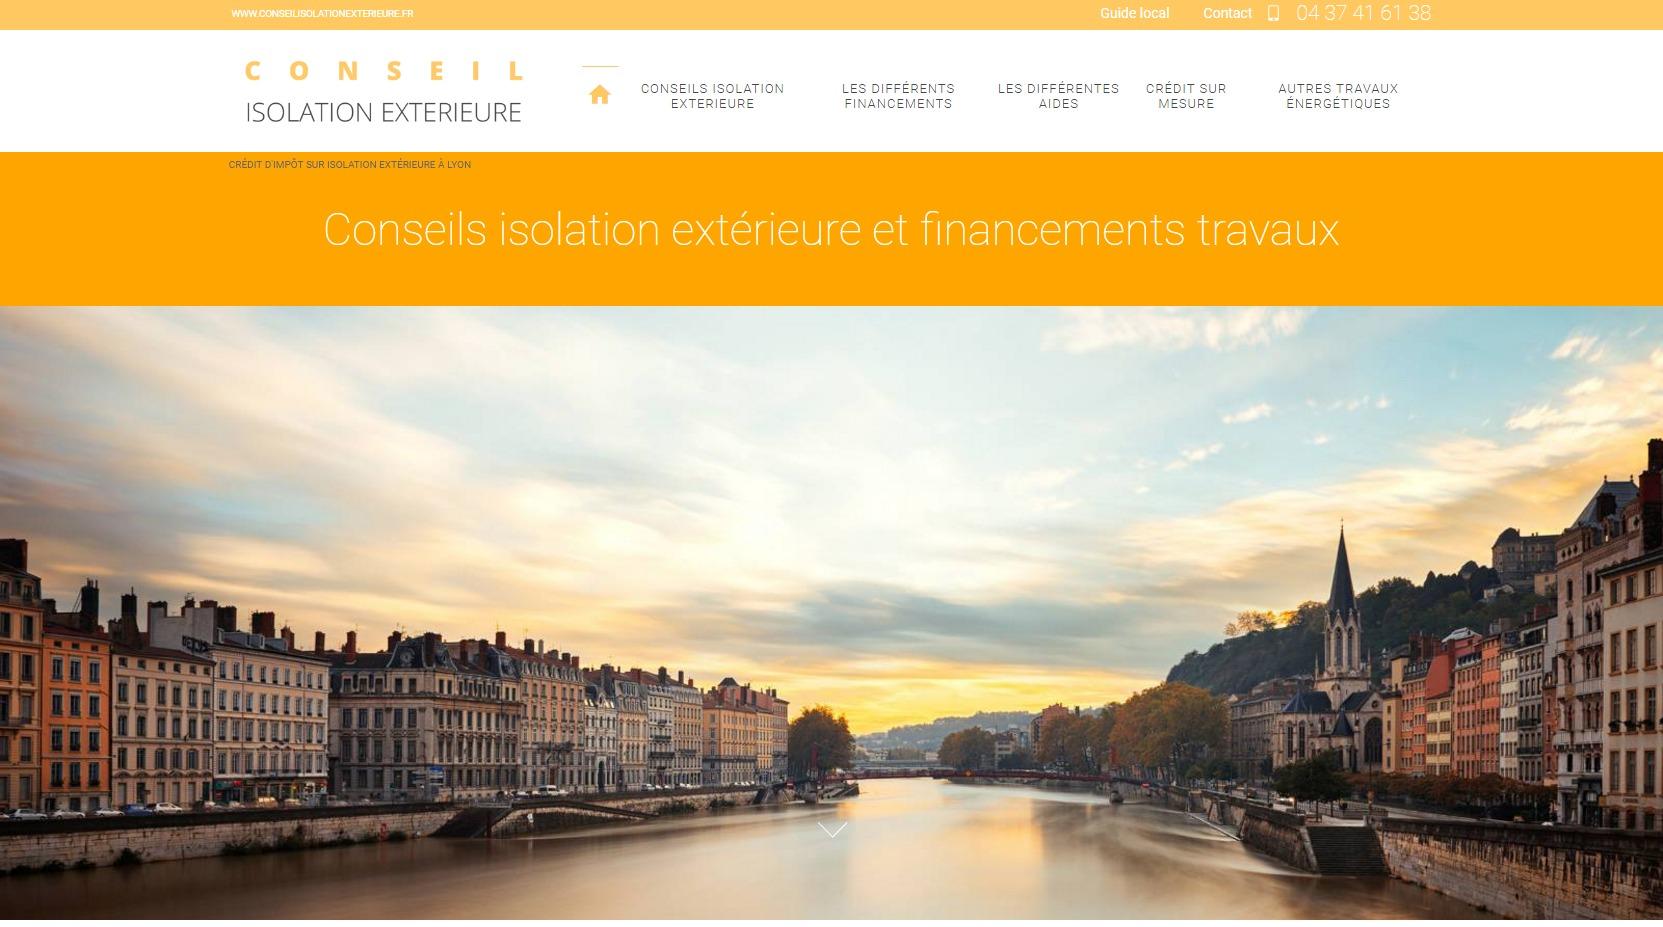 Crédit d'impôt sur isolation extérieure à Lyon